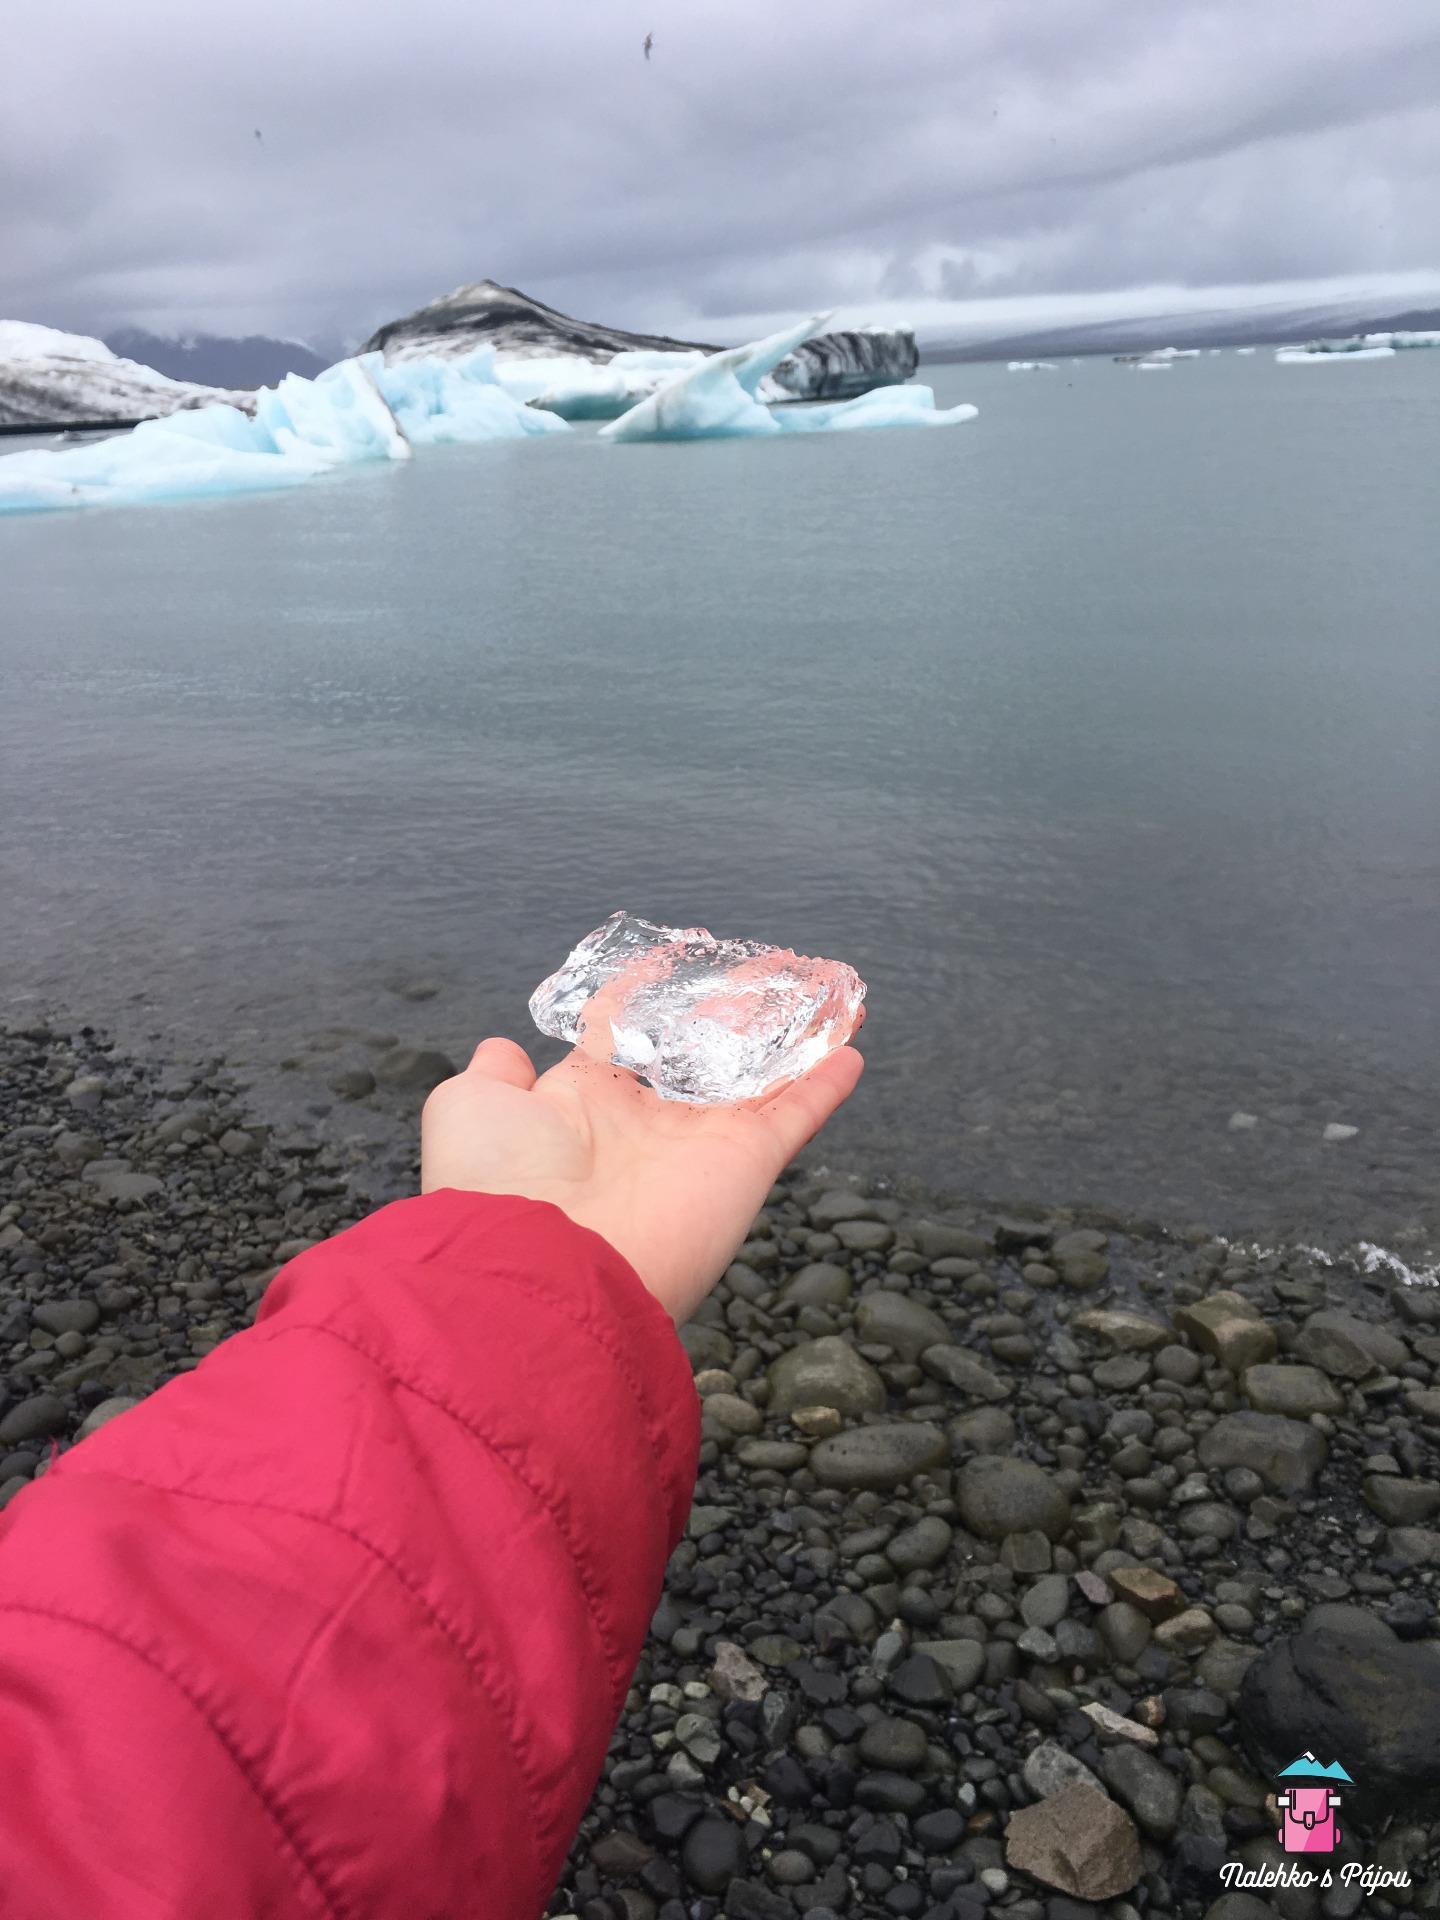 Nejradši bych si ten led odvezla domu